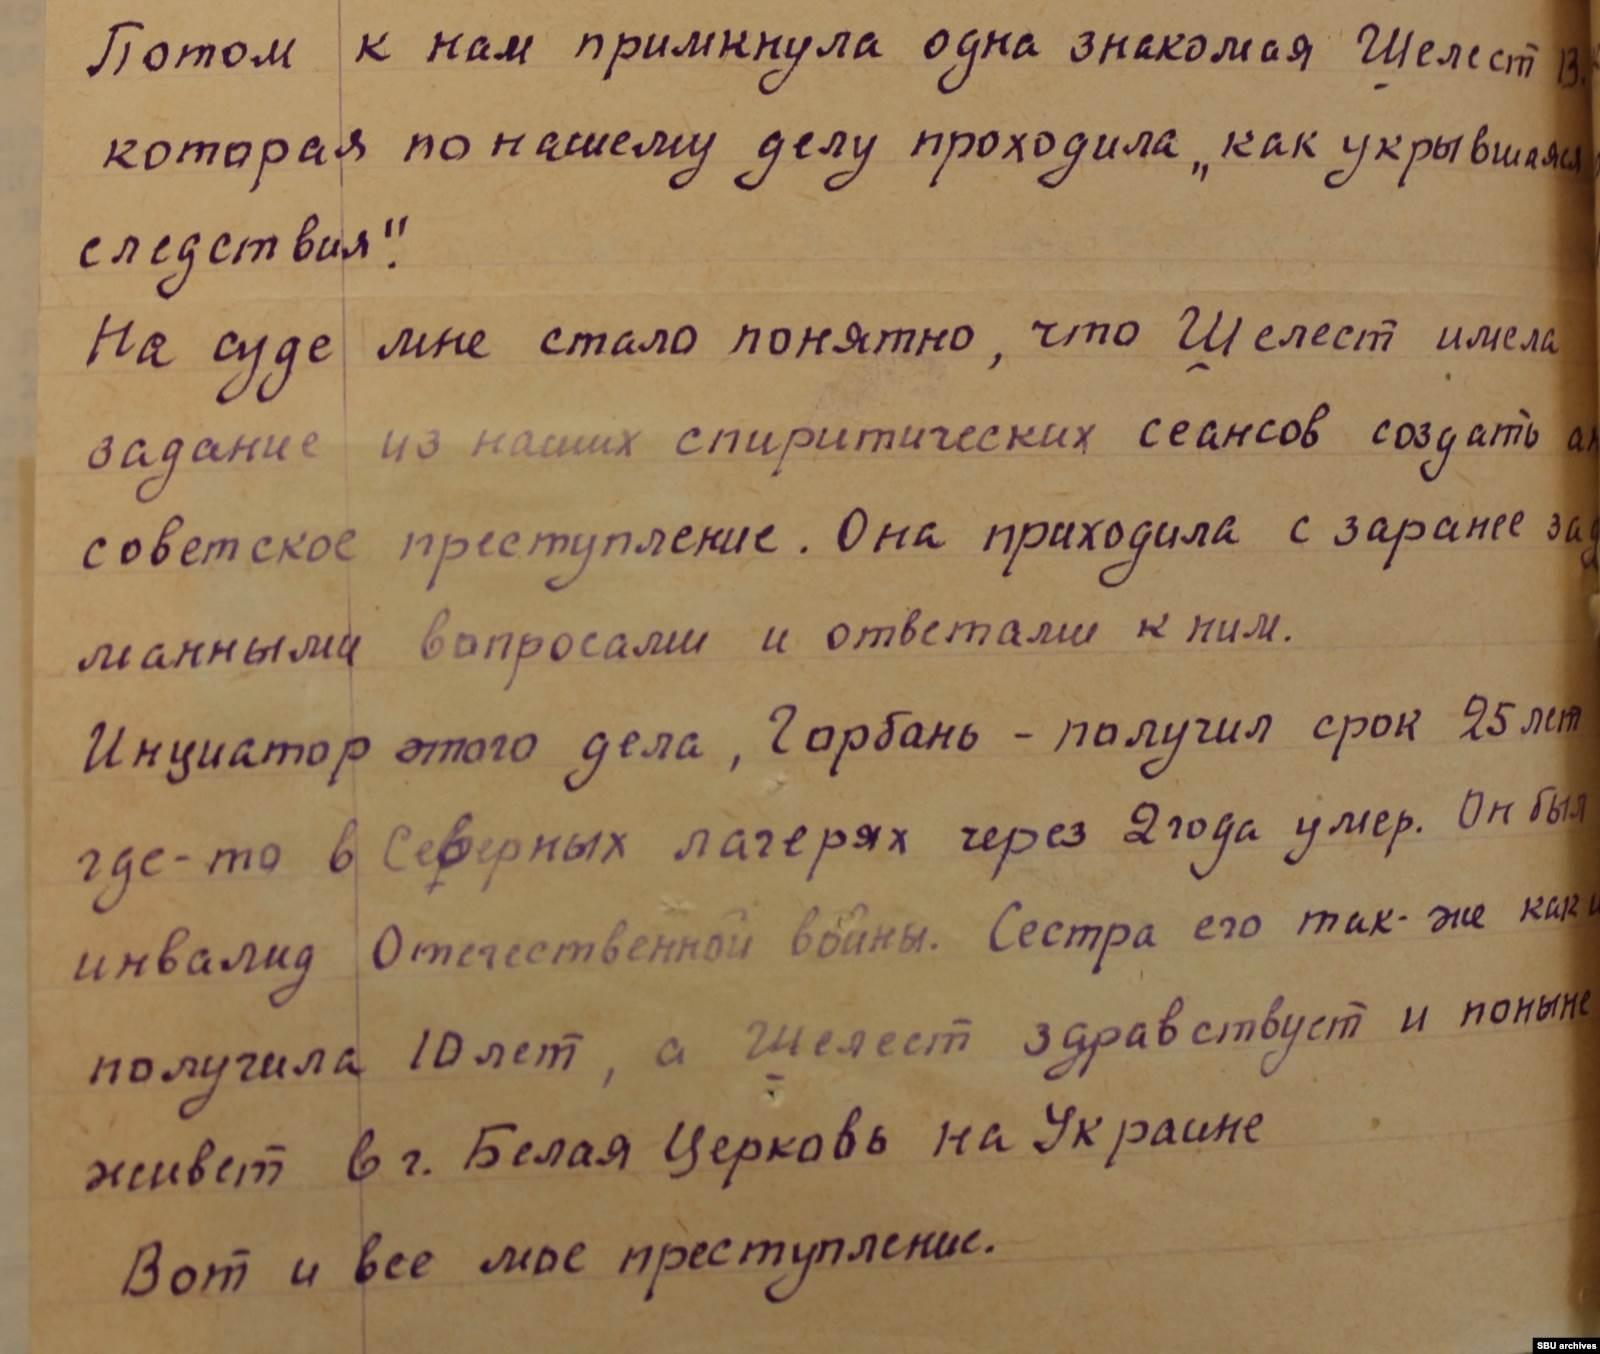 Фрагмент письма Розовой с упоминанием Варвары Шелест